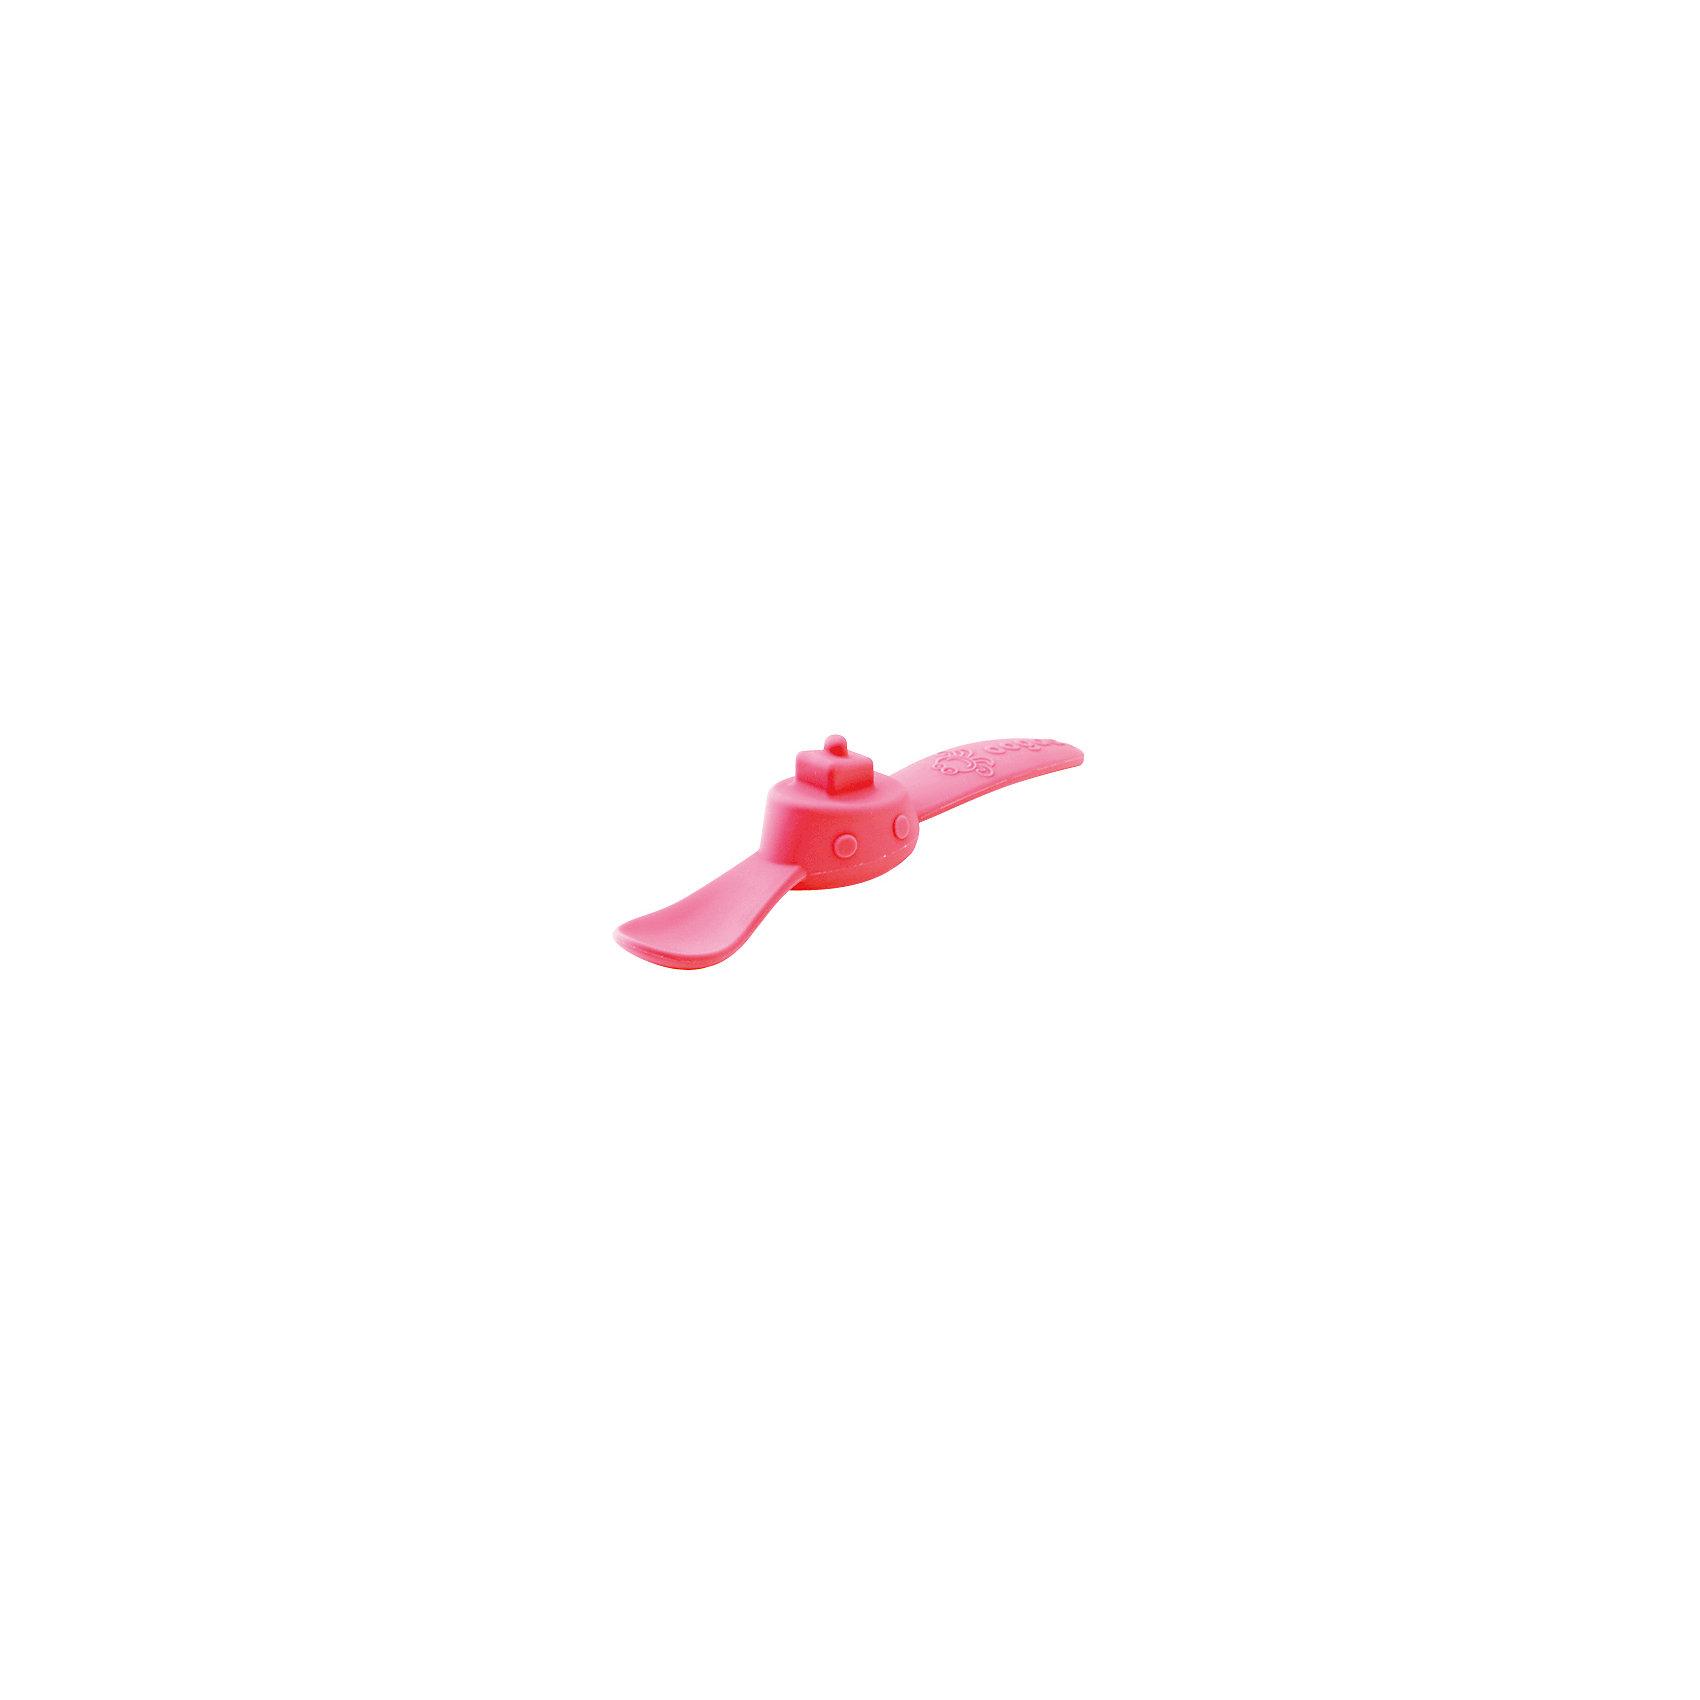 Ложка Пароход, Oogaa, розовыйЛожка Пароход, Oogaa (Оогаа), розовый в форме парохода прекрасно подойдет для кормления самых маленьких детей. Малыши будут кушать с удовольствием и интересом, ведь теперь процесс питания превращается в забавную игру. При этом эргономичная силиконовая форма ложки не травмирует десны и отлично подходит как для кормления самых маленьких детей, так и для малышей, которые только учатся сами держать ложечку в руке.  Эта ложка – настоящая находка для мамы!<br><br>Характеристики:<br>-Изготовлена из высококачественного нетоксичного силикона, который не имеет запаха и вкуса, не выделяет химических веществ, не способствует распространению бактерий<br>-Подходит для ручной мойки, посудомоечных машин и стерилизаторов, микроволновой печи<br>-Не травмирует десны малыша <br>-Выполнена в ярком цвете и необычном дизайне, что позволяет превратить обычные завтрак или обед в забавную игру<br><br>Дополнительная информация:<br>-Цвет: розовый<br>-Размеры ложки: 18 см<br>-Вес в упаковке: 73 г<br>-Материалы: силикон<br><br>Замечательная ложка для кормления в форме парохода поможет превратить кормление малыша в праздник! <br><br>Ложку Пароход, Oogaa (Оогаа), розовый можно купить в нашем магазине.<br><br>Ширина мм: 250<br>Глубина мм: 90<br>Высота мм: 35<br>Вес г: 73<br>Возраст от месяцев: 3<br>Возраст до месяцев: 36<br>Пол: Унисекс<br>Возраст: Детский<br>SKU: 4053698